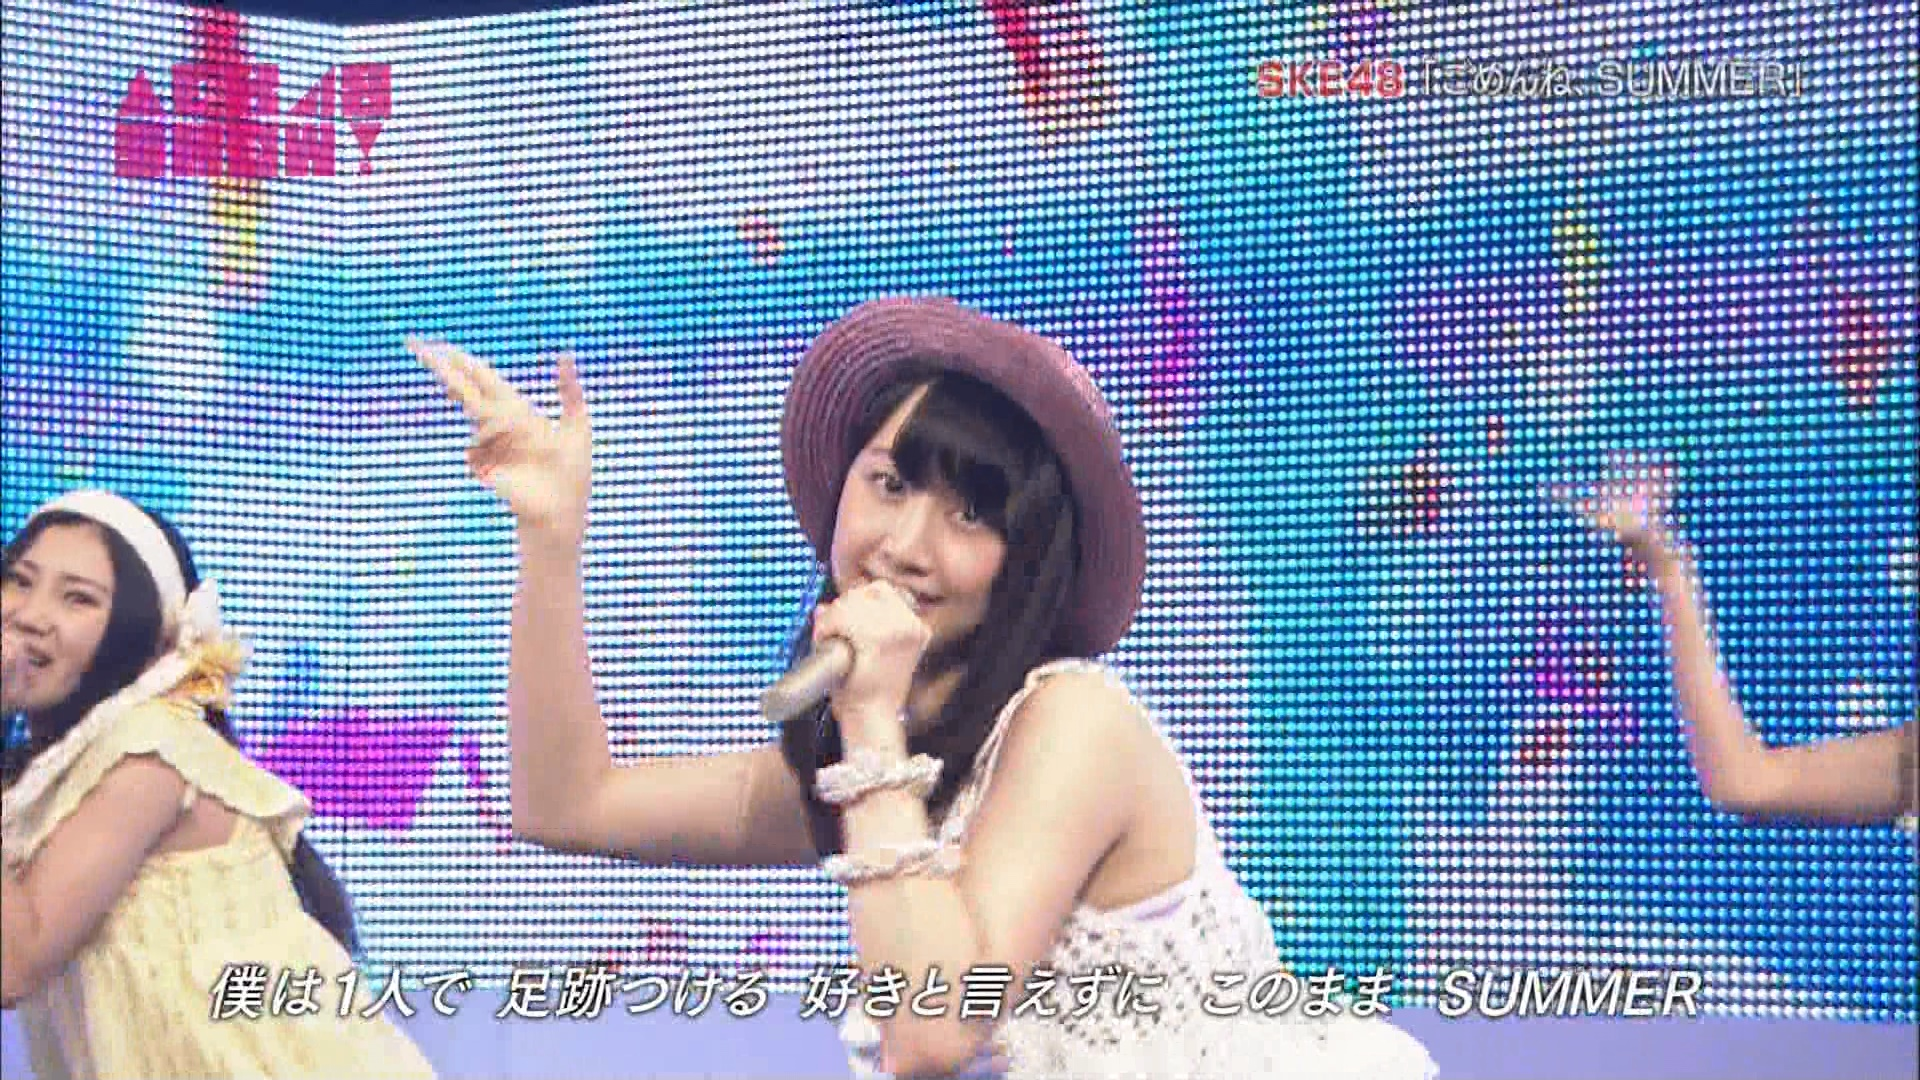 AKB48SHOW ごめんね、SUMMER 松井玲奈 20140830 (13)